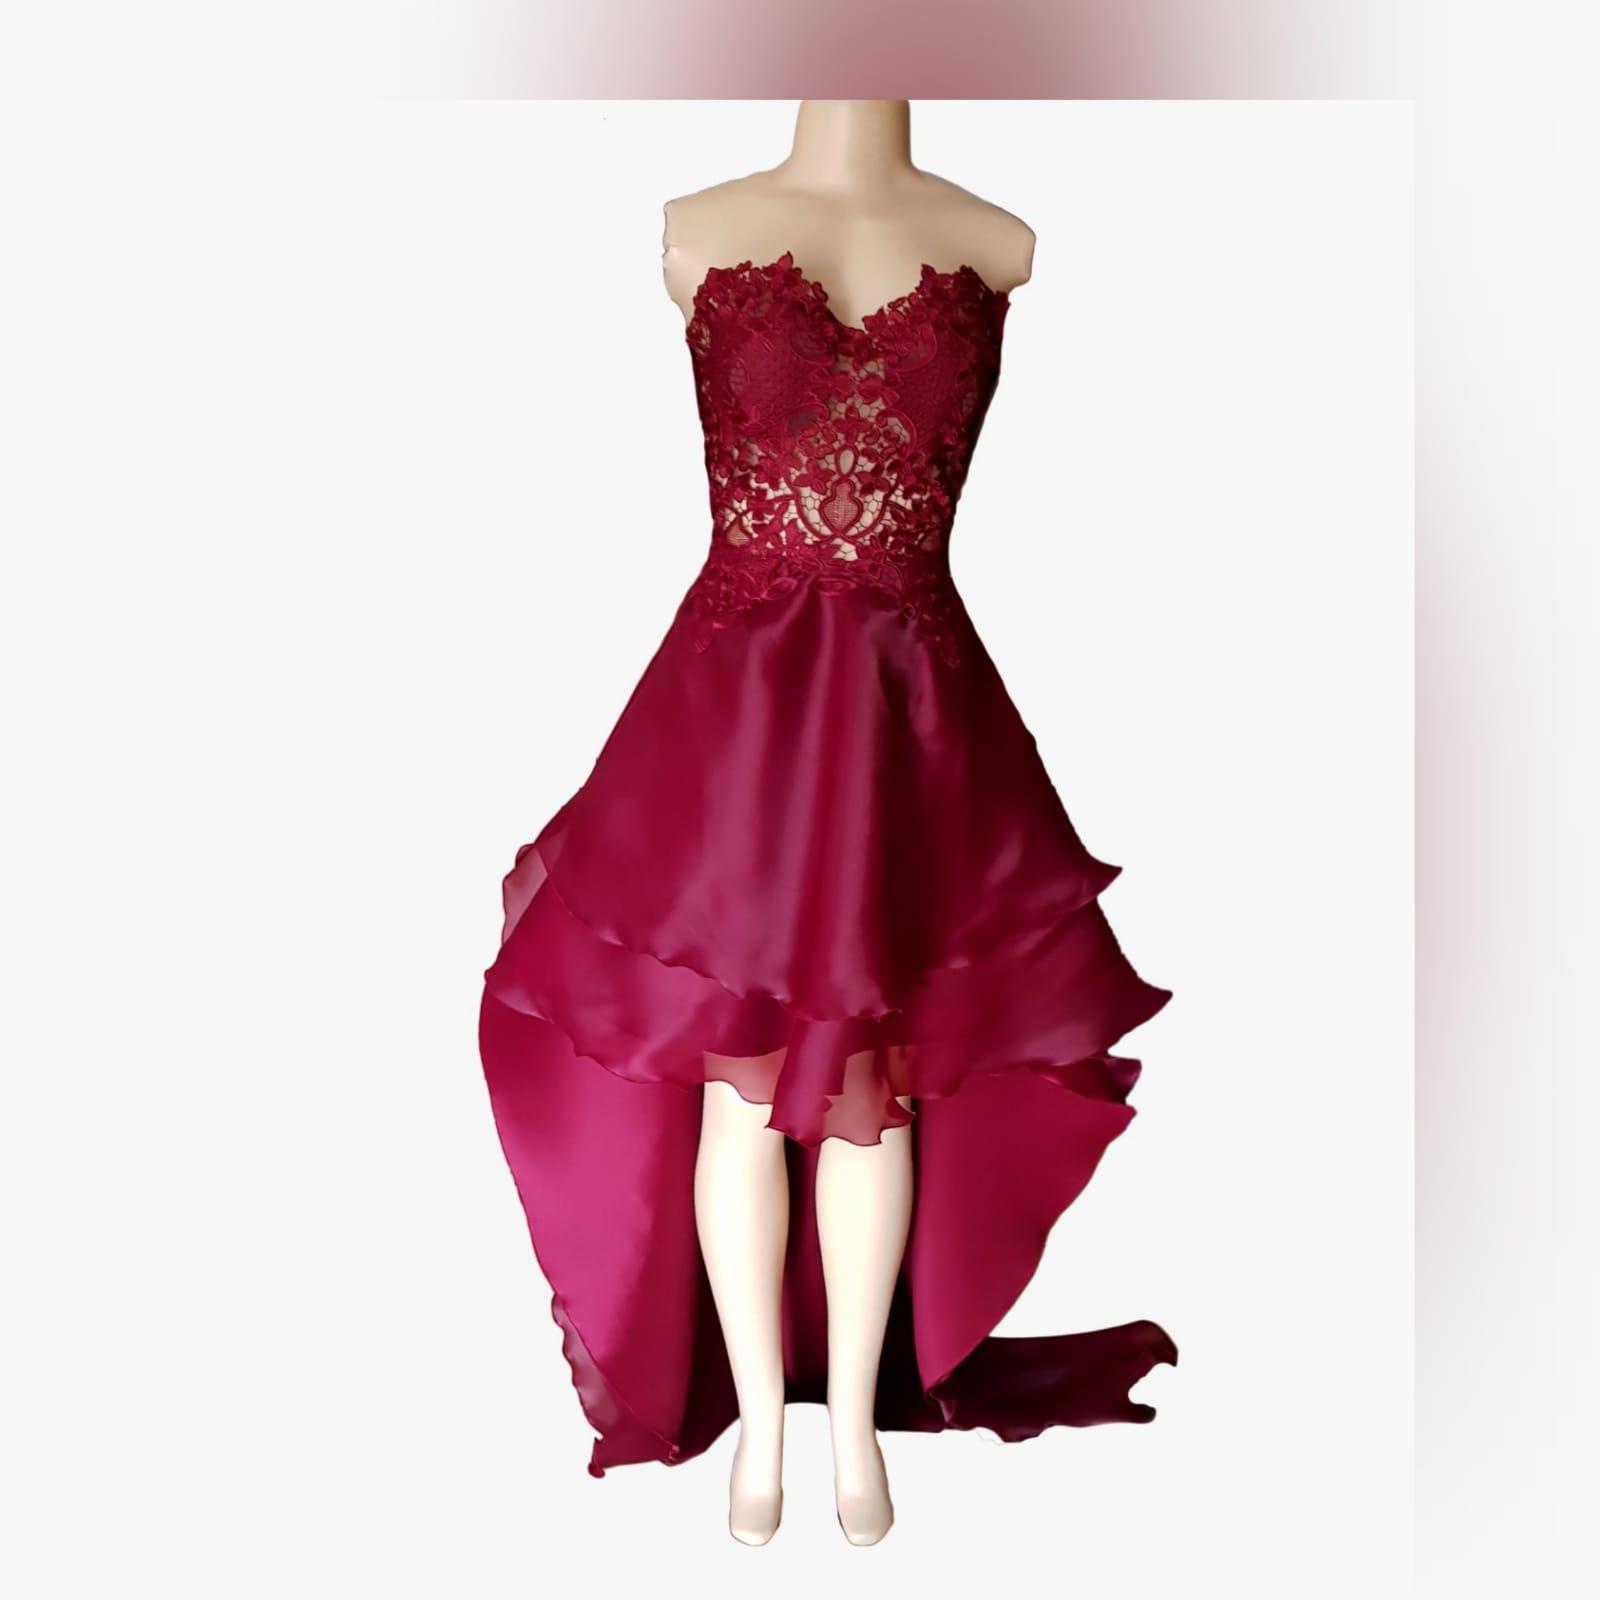 Vestido de finalistas vermelho escuro 7 o vestido de finalistas vermelho escuro perfeito para a sua noite de finalistas, se você quiser um visual chic, mas adorável. Com um corpete de renda e um fundo de duas camadas alto-baixo esvoaçante para um efeito dramático.